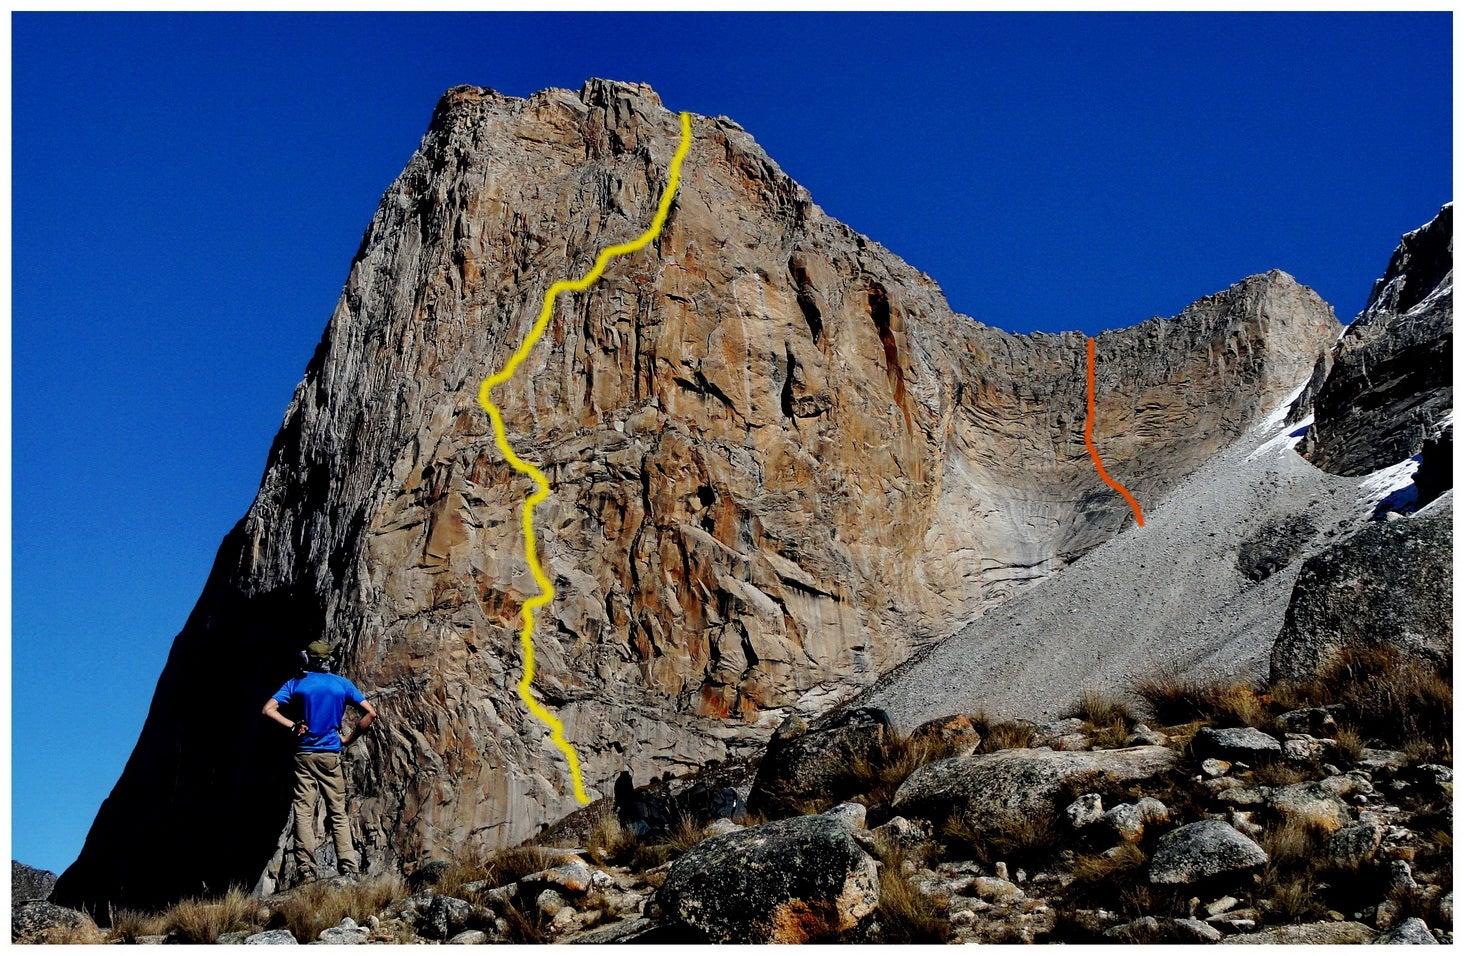 20 Pitches On Peru's Largest Big Wall: La Esfinge's Original Route